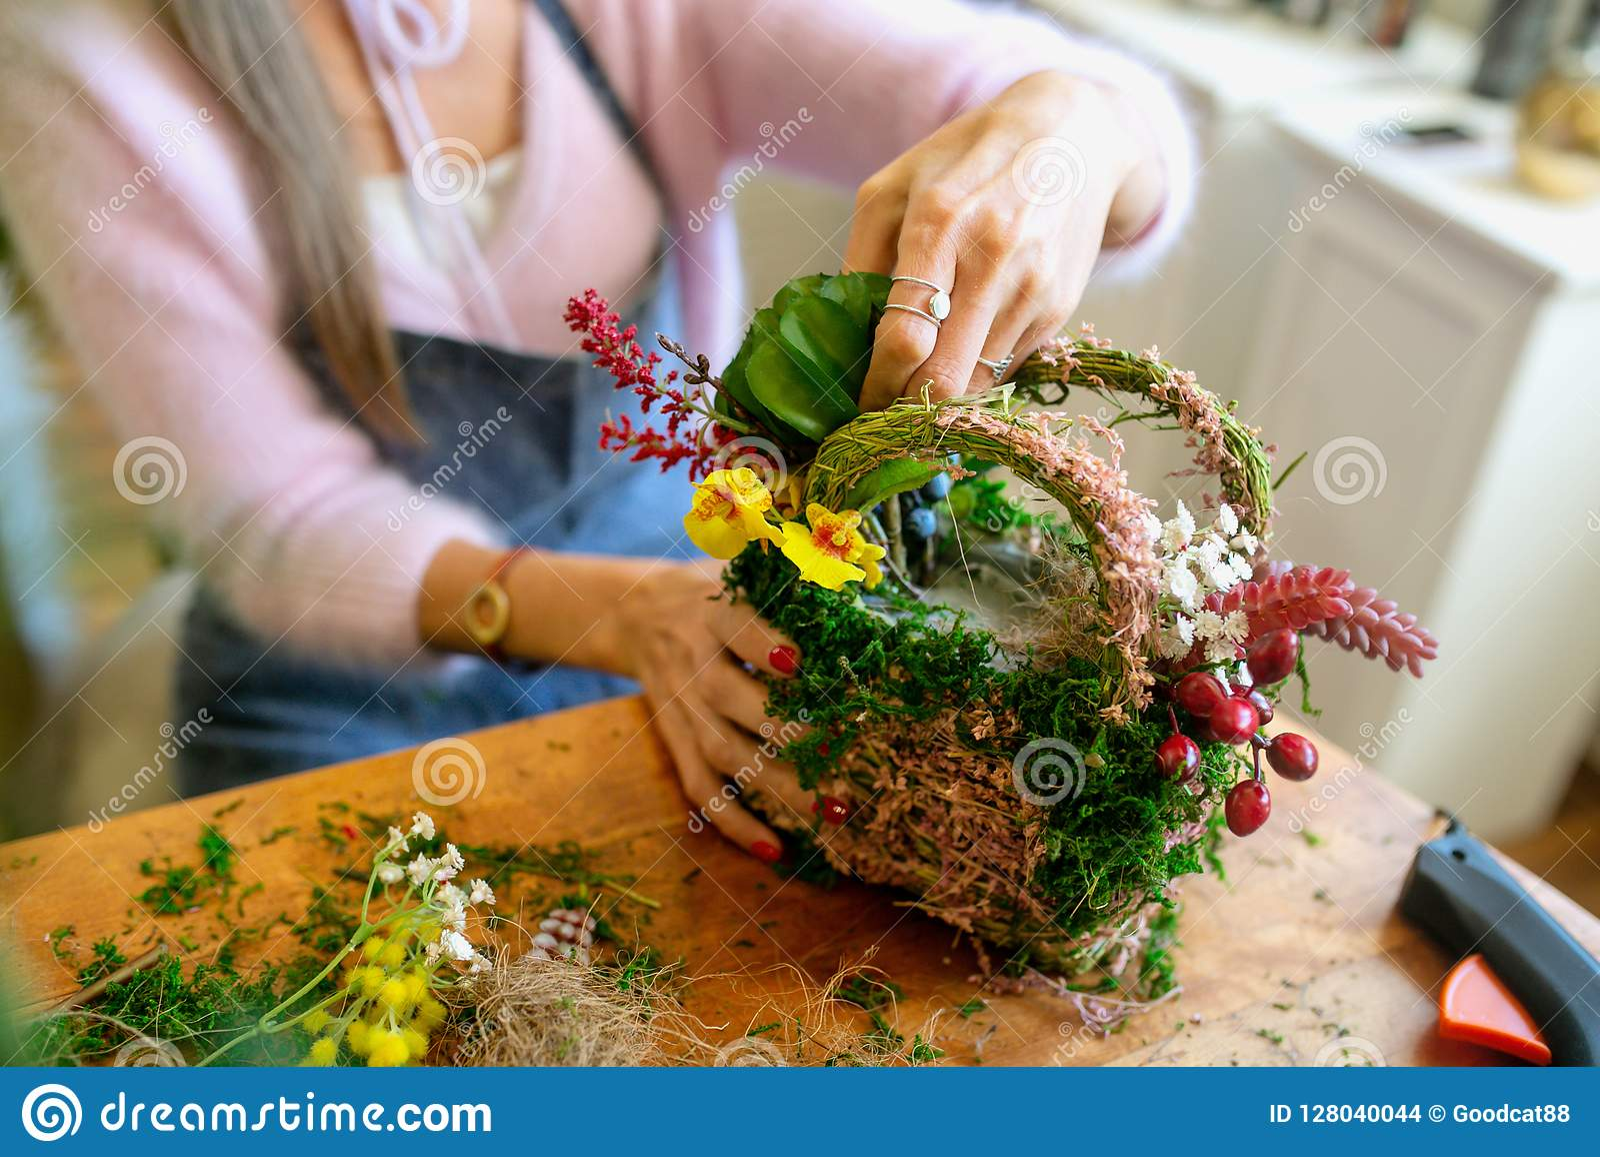 Kobieta wręcza robić pięknemu bukietowi kwiaty na tle